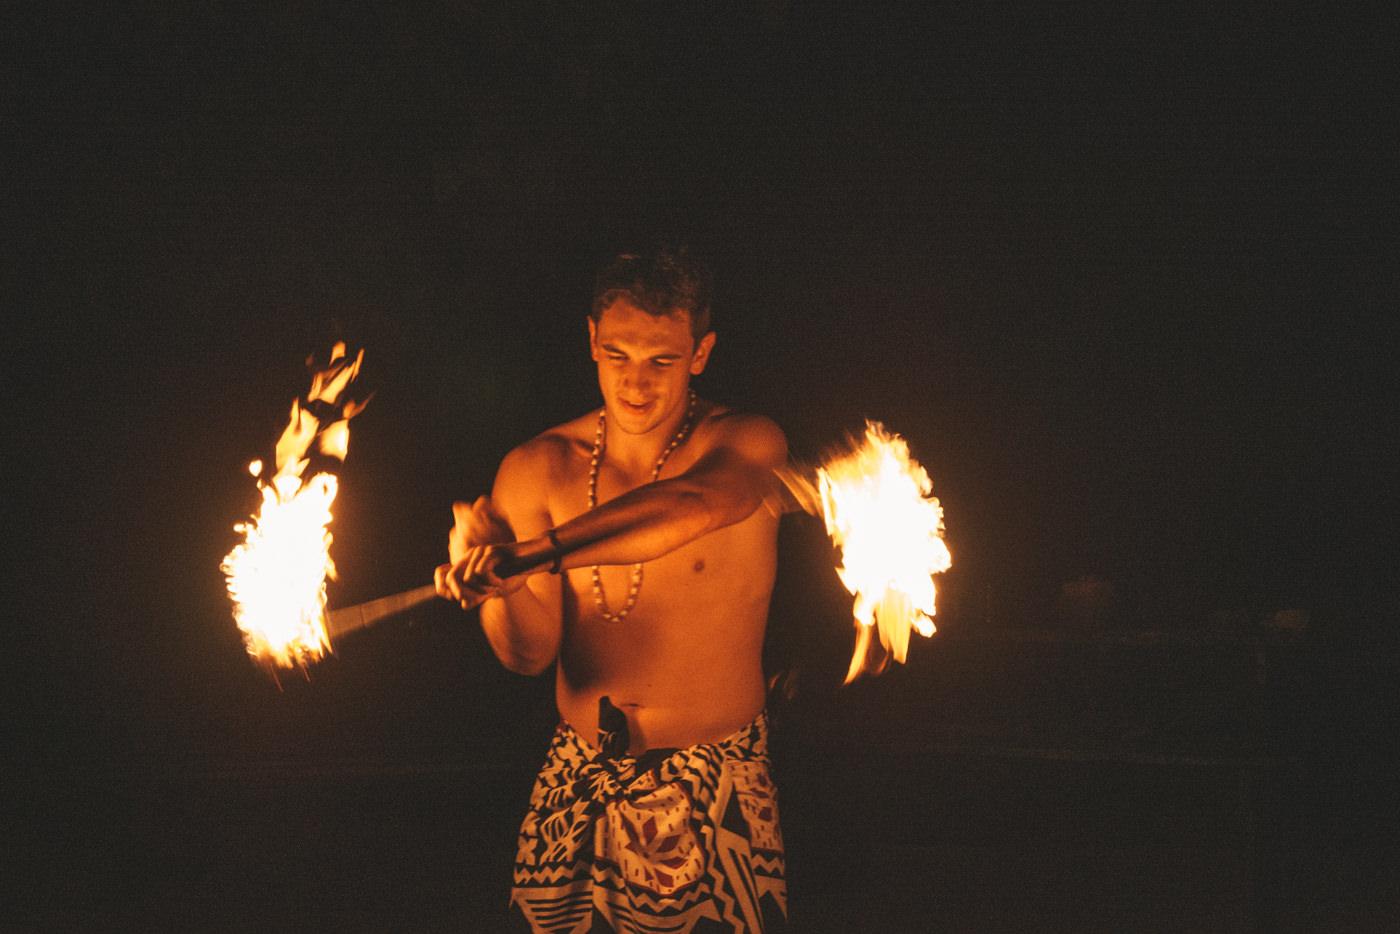 Felix bei der Feuershow auf den Fidschis